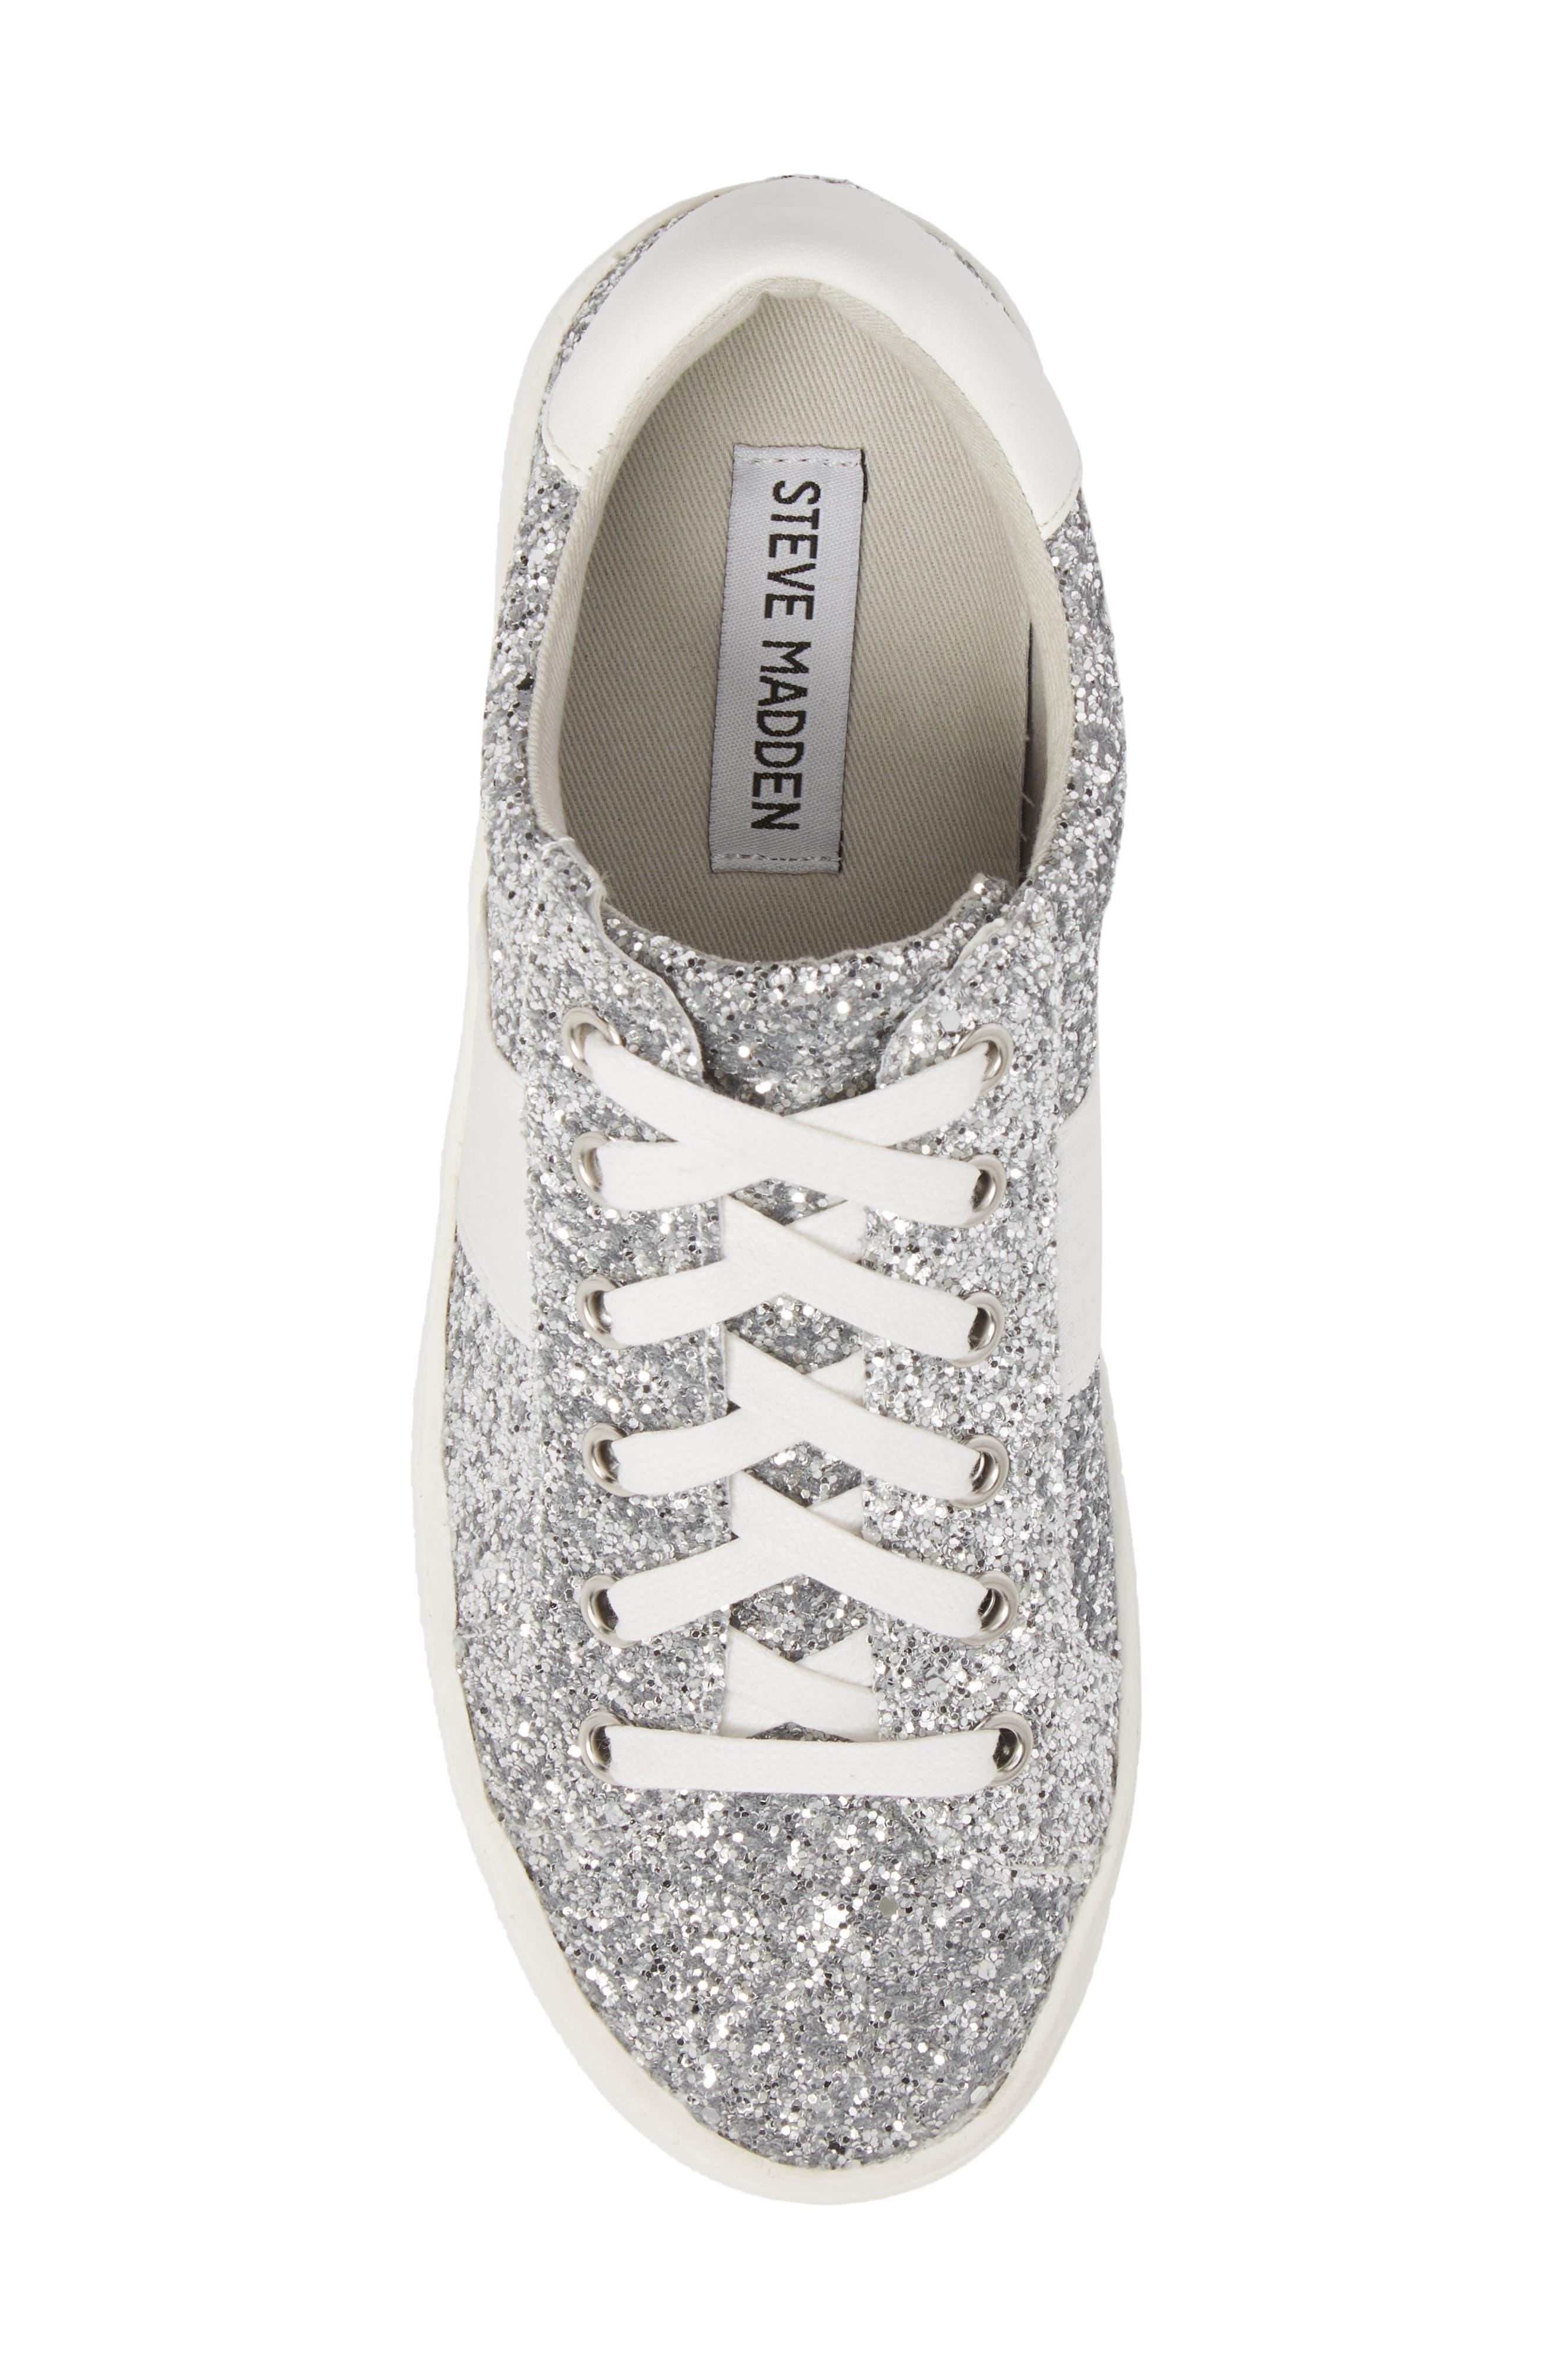 Belle-G Glitter Platform Sneaker,                             Alternate thumbnail 5, color,                             SILVER GLITTER